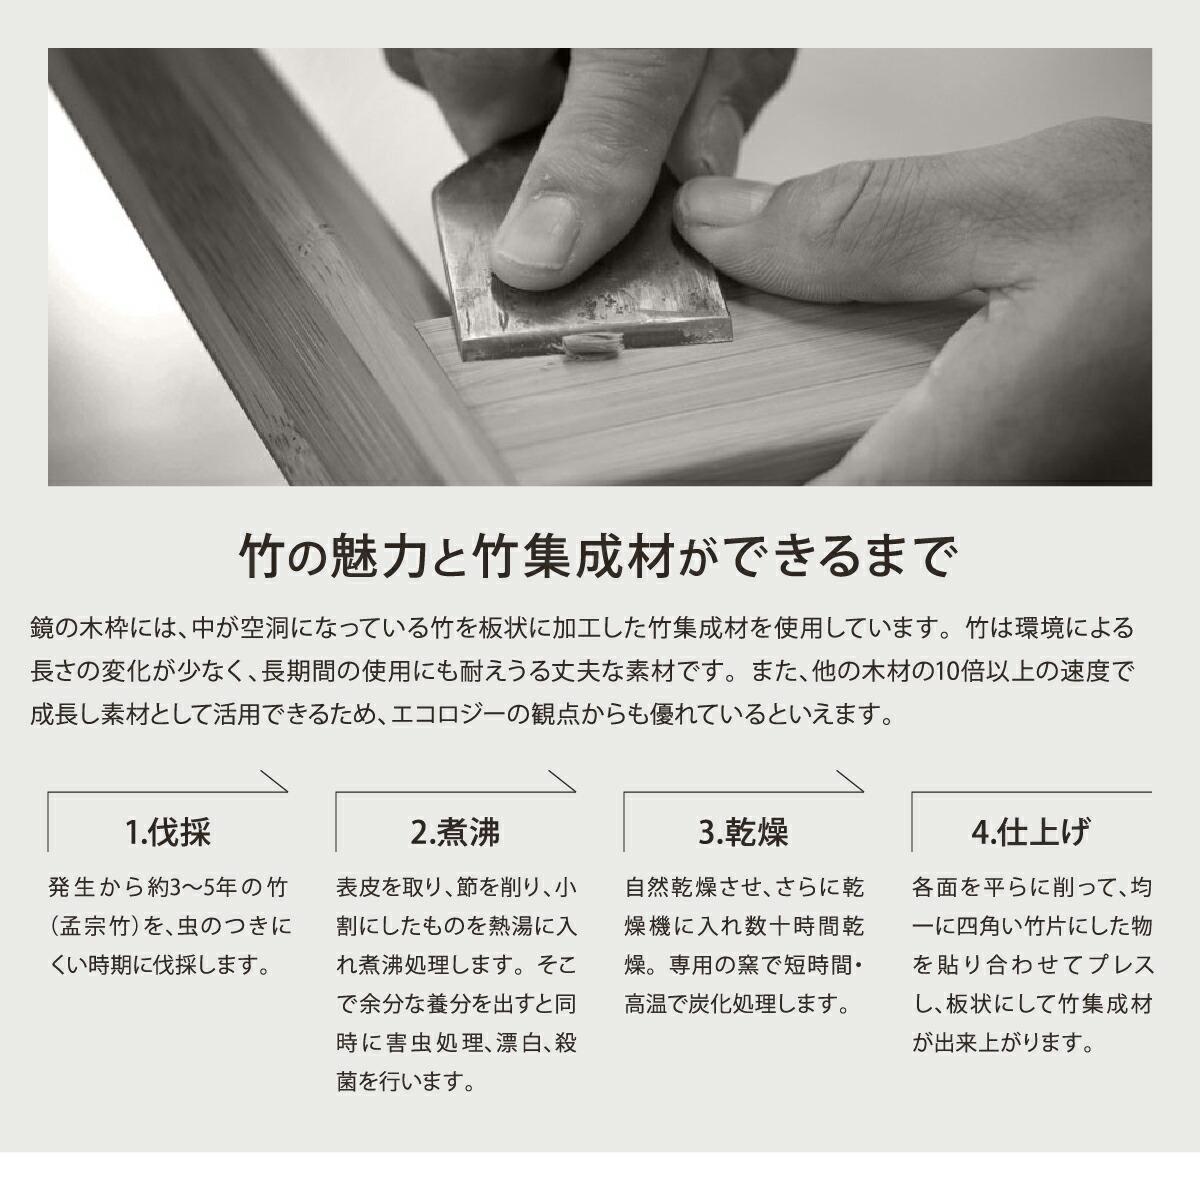 竹の魅力と竹集成材について